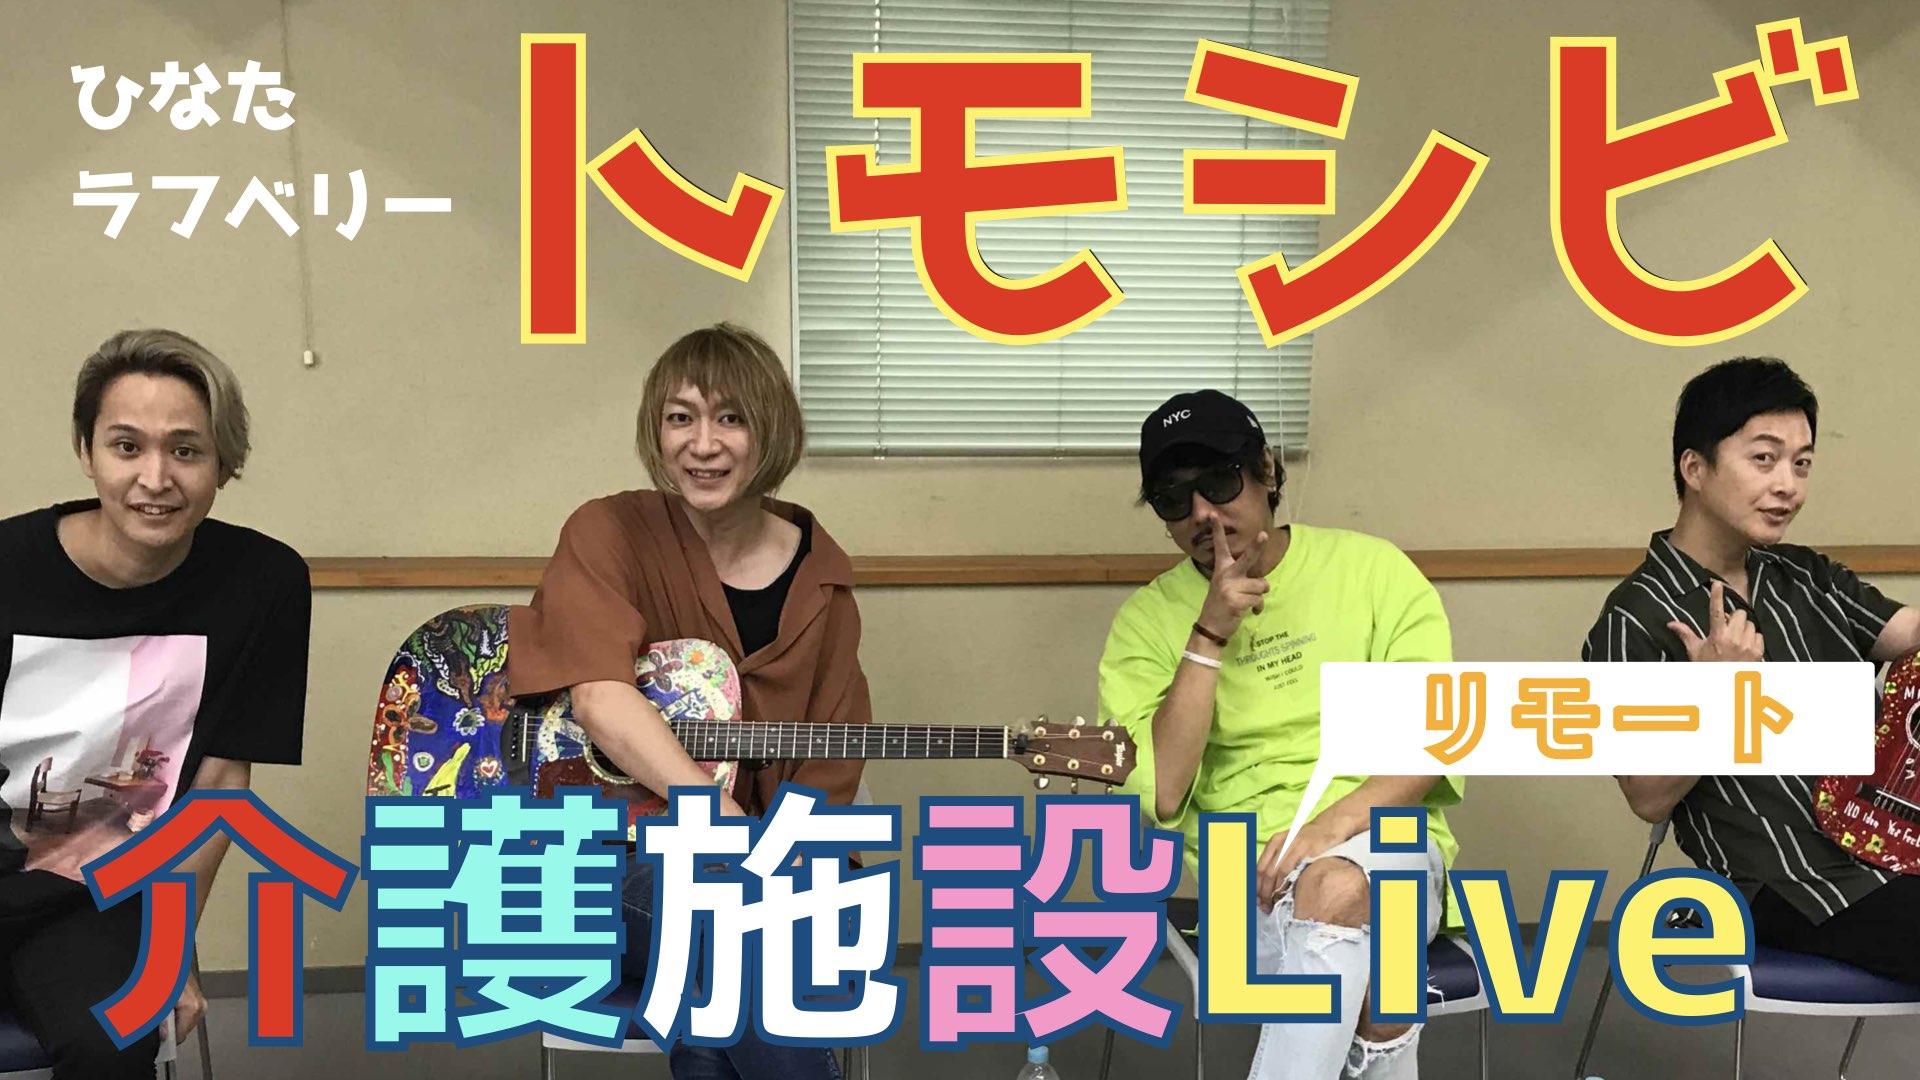 【トモシビ】 YouTubeライブ